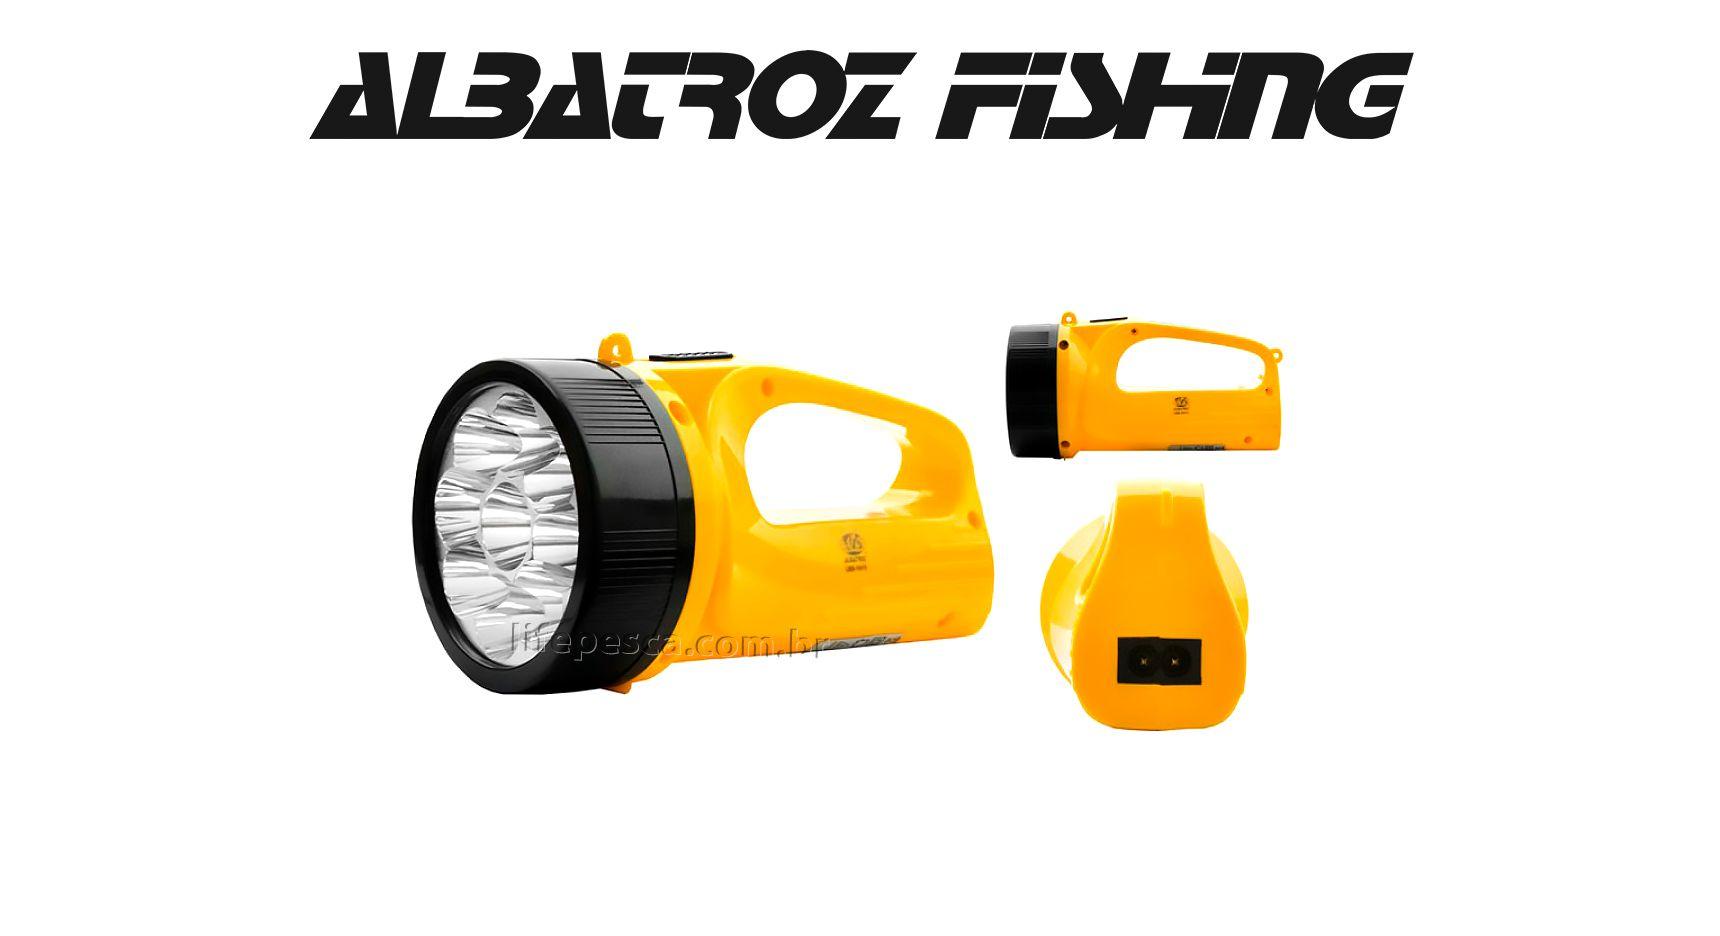 Lanterna 9 Leds Longo Alcance 500m - Albatroz Fishing - LED-1915